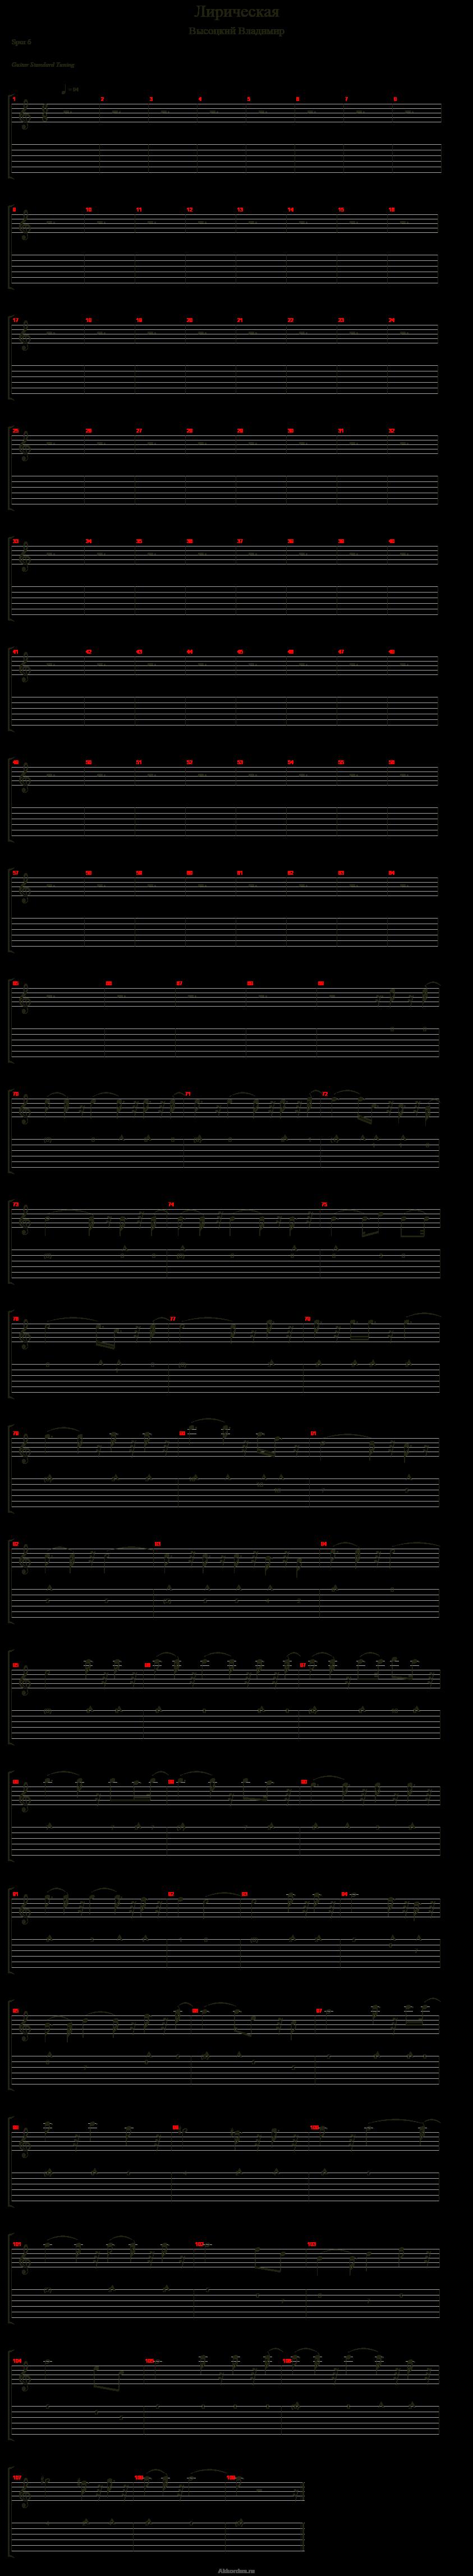 экстремальные, аккорды высоцкого баллада о любви зрения поддерживающая